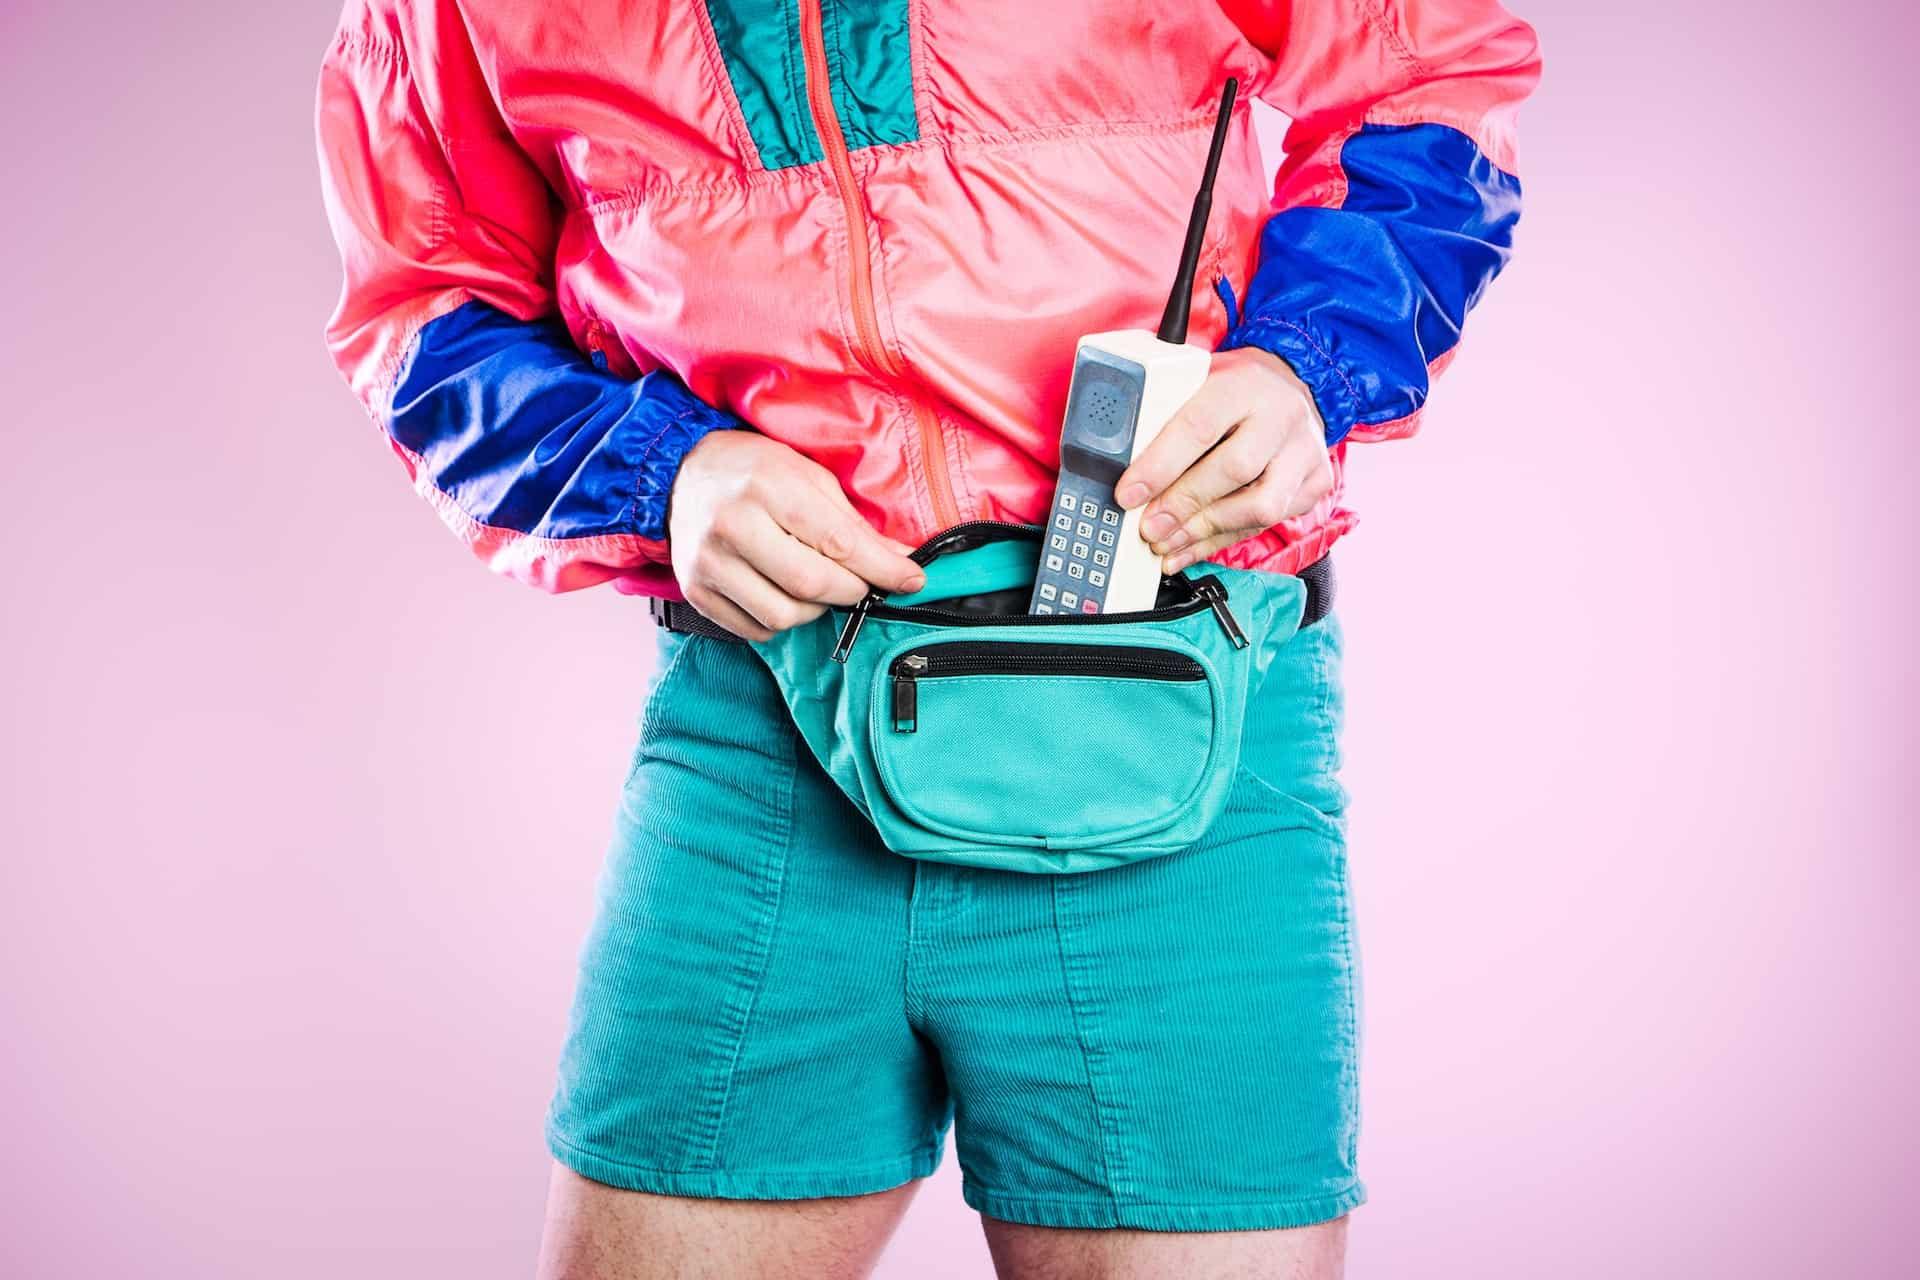 Ein Mann im 80er Jahre Style packt ein altes Handy in seine Gürteltasche.